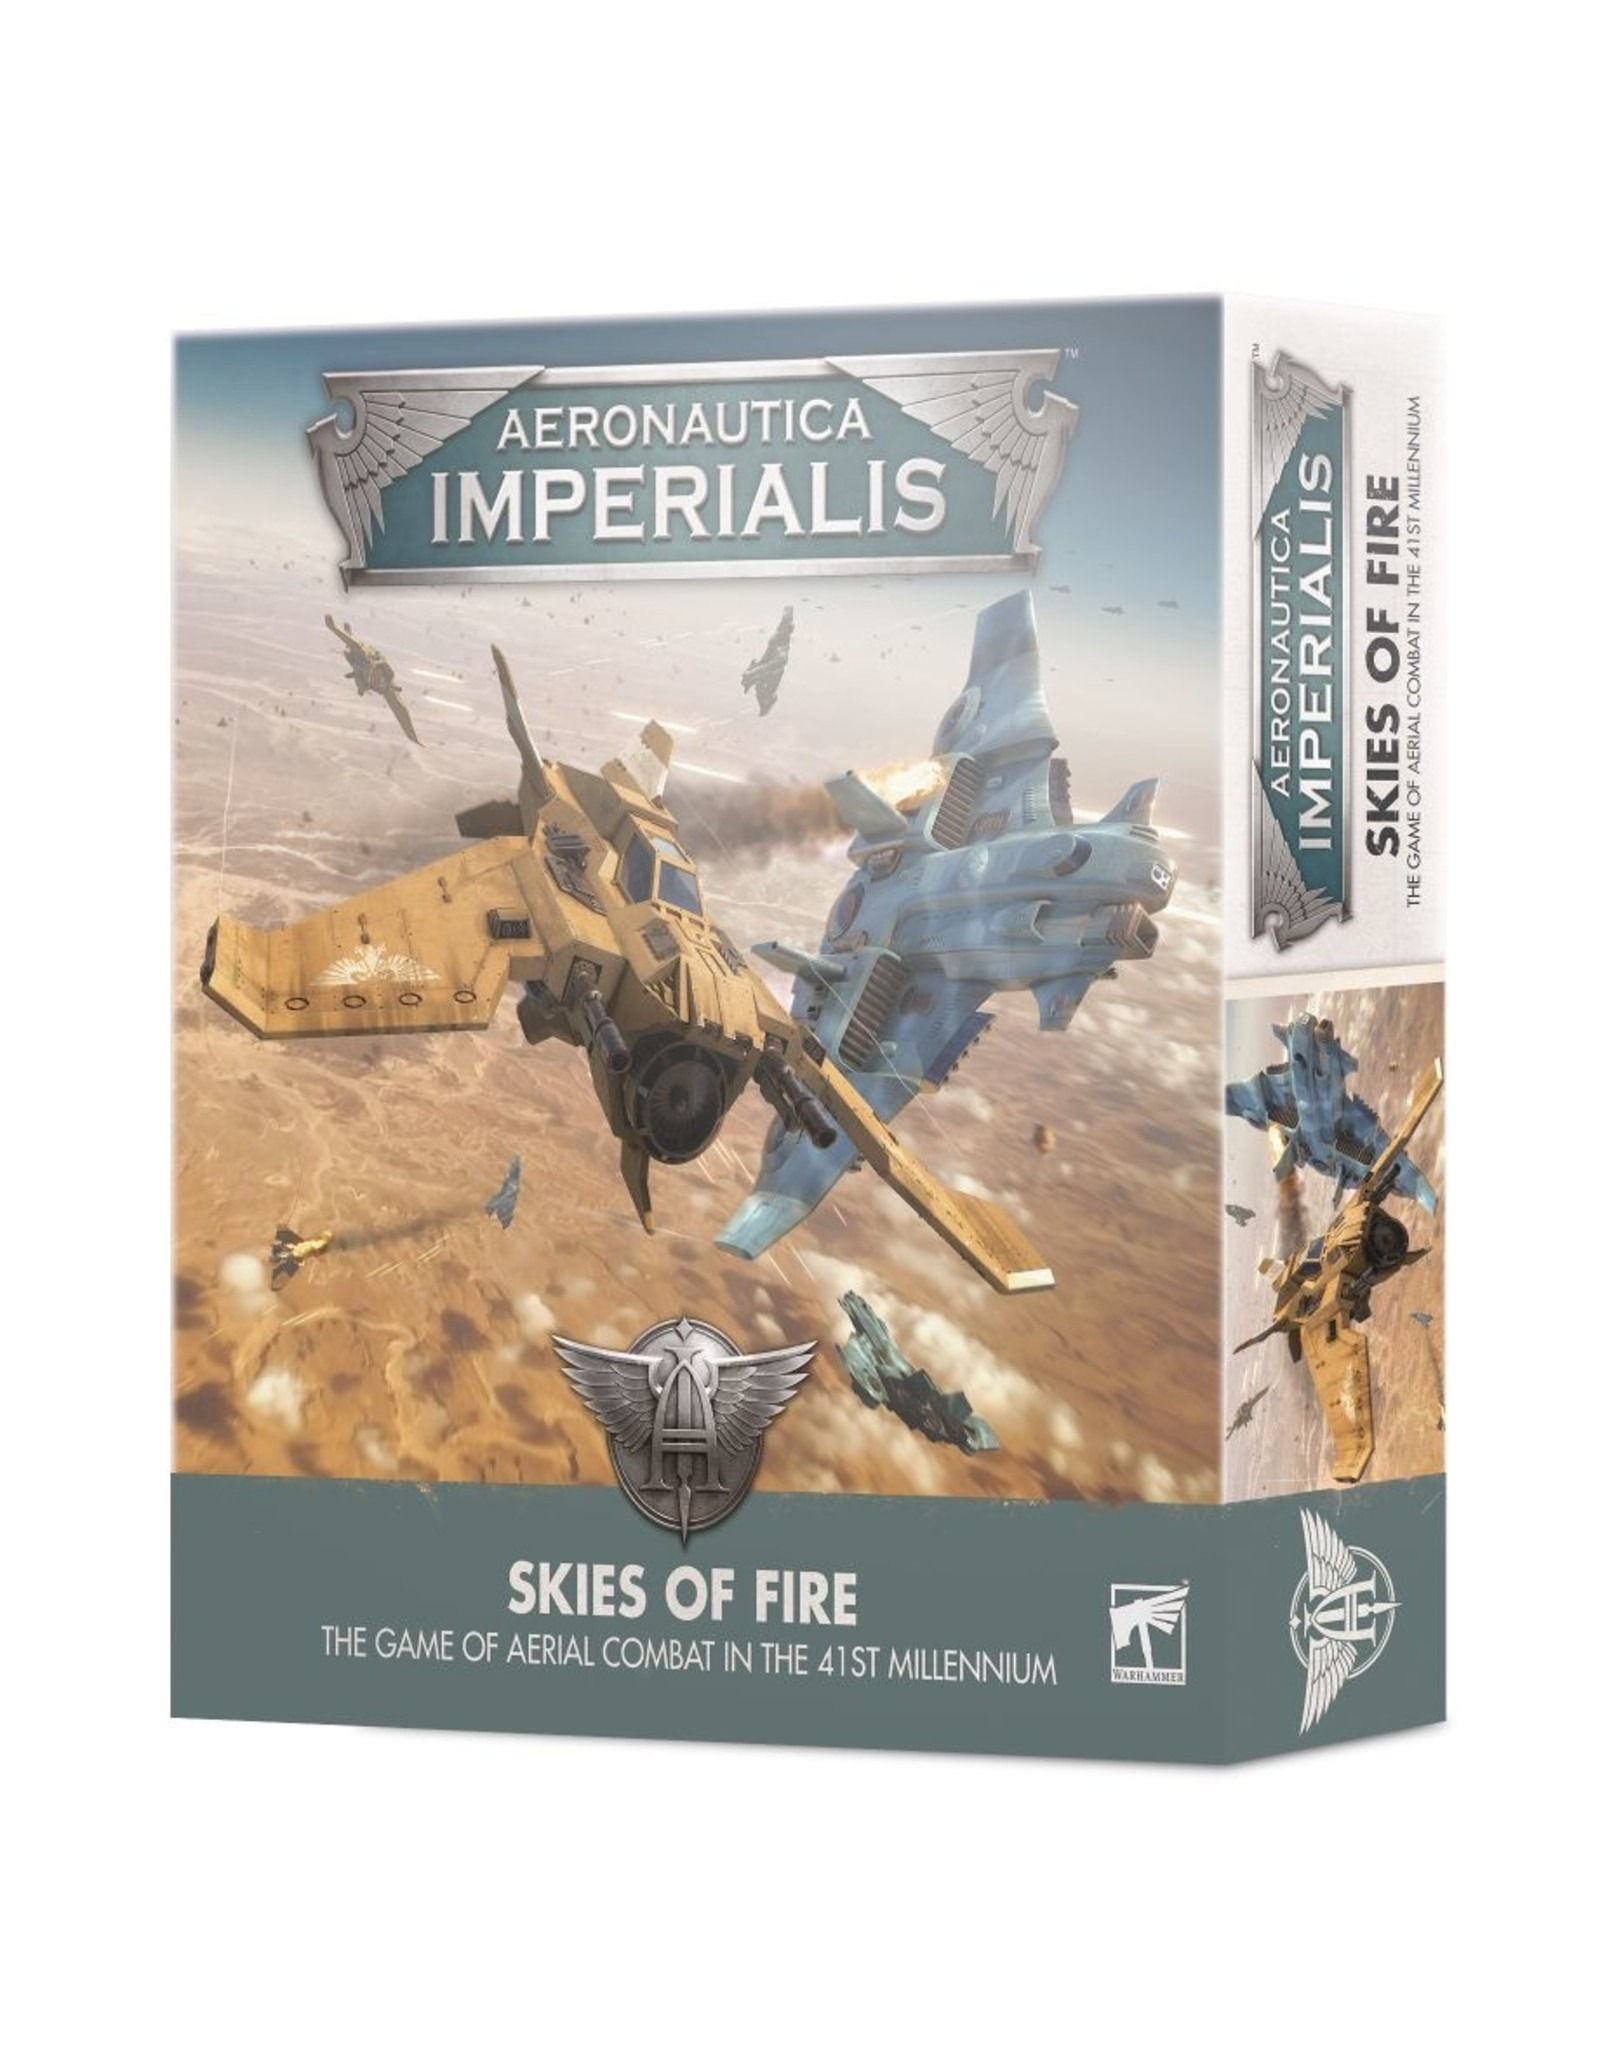 Games Workshop Aero/Imperialis: Skies of Fire